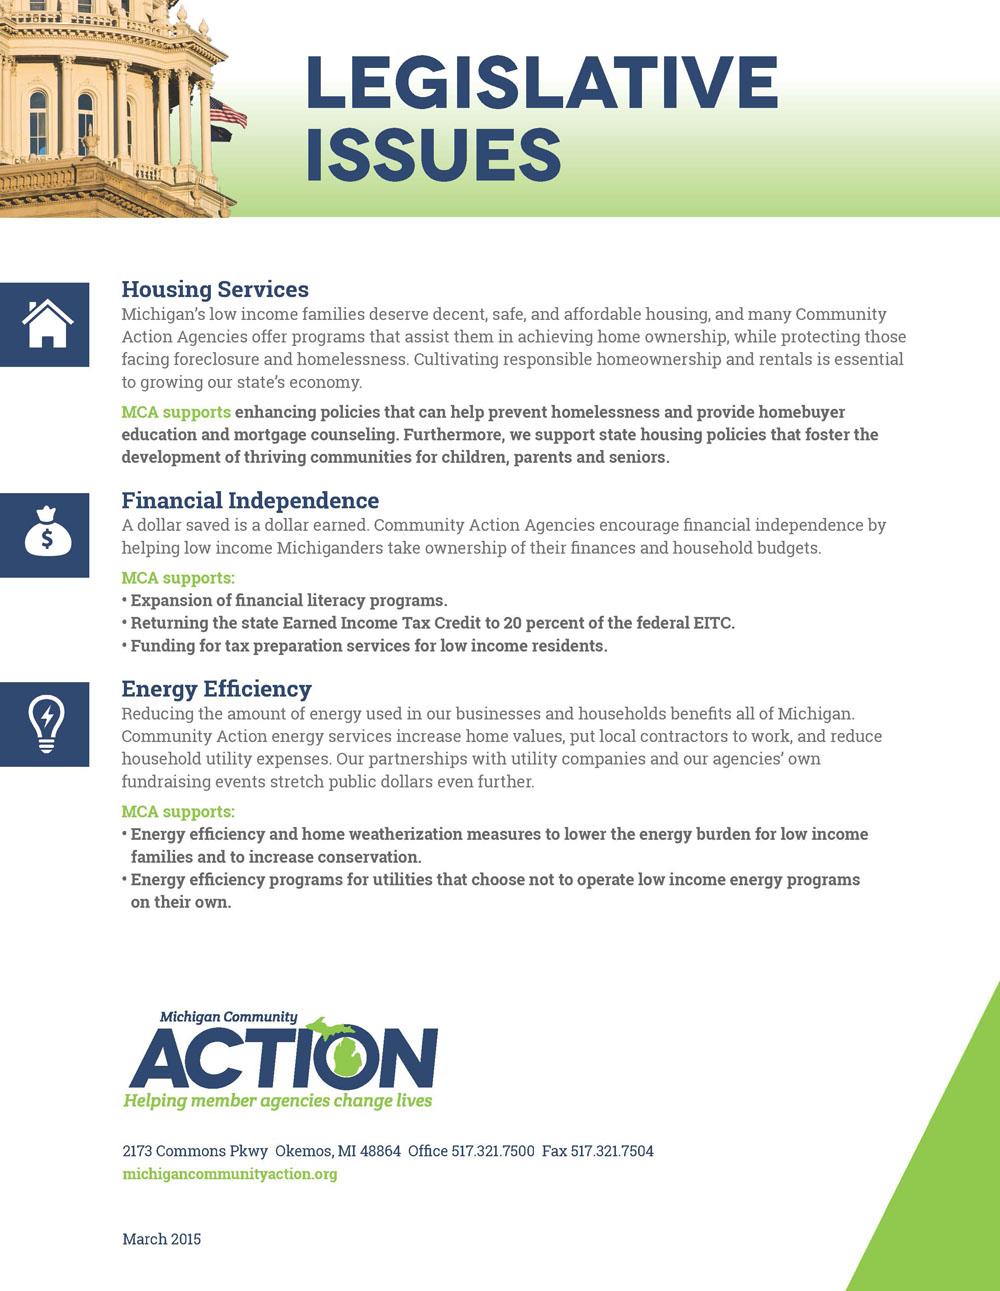 Advocacy & Government Affairs